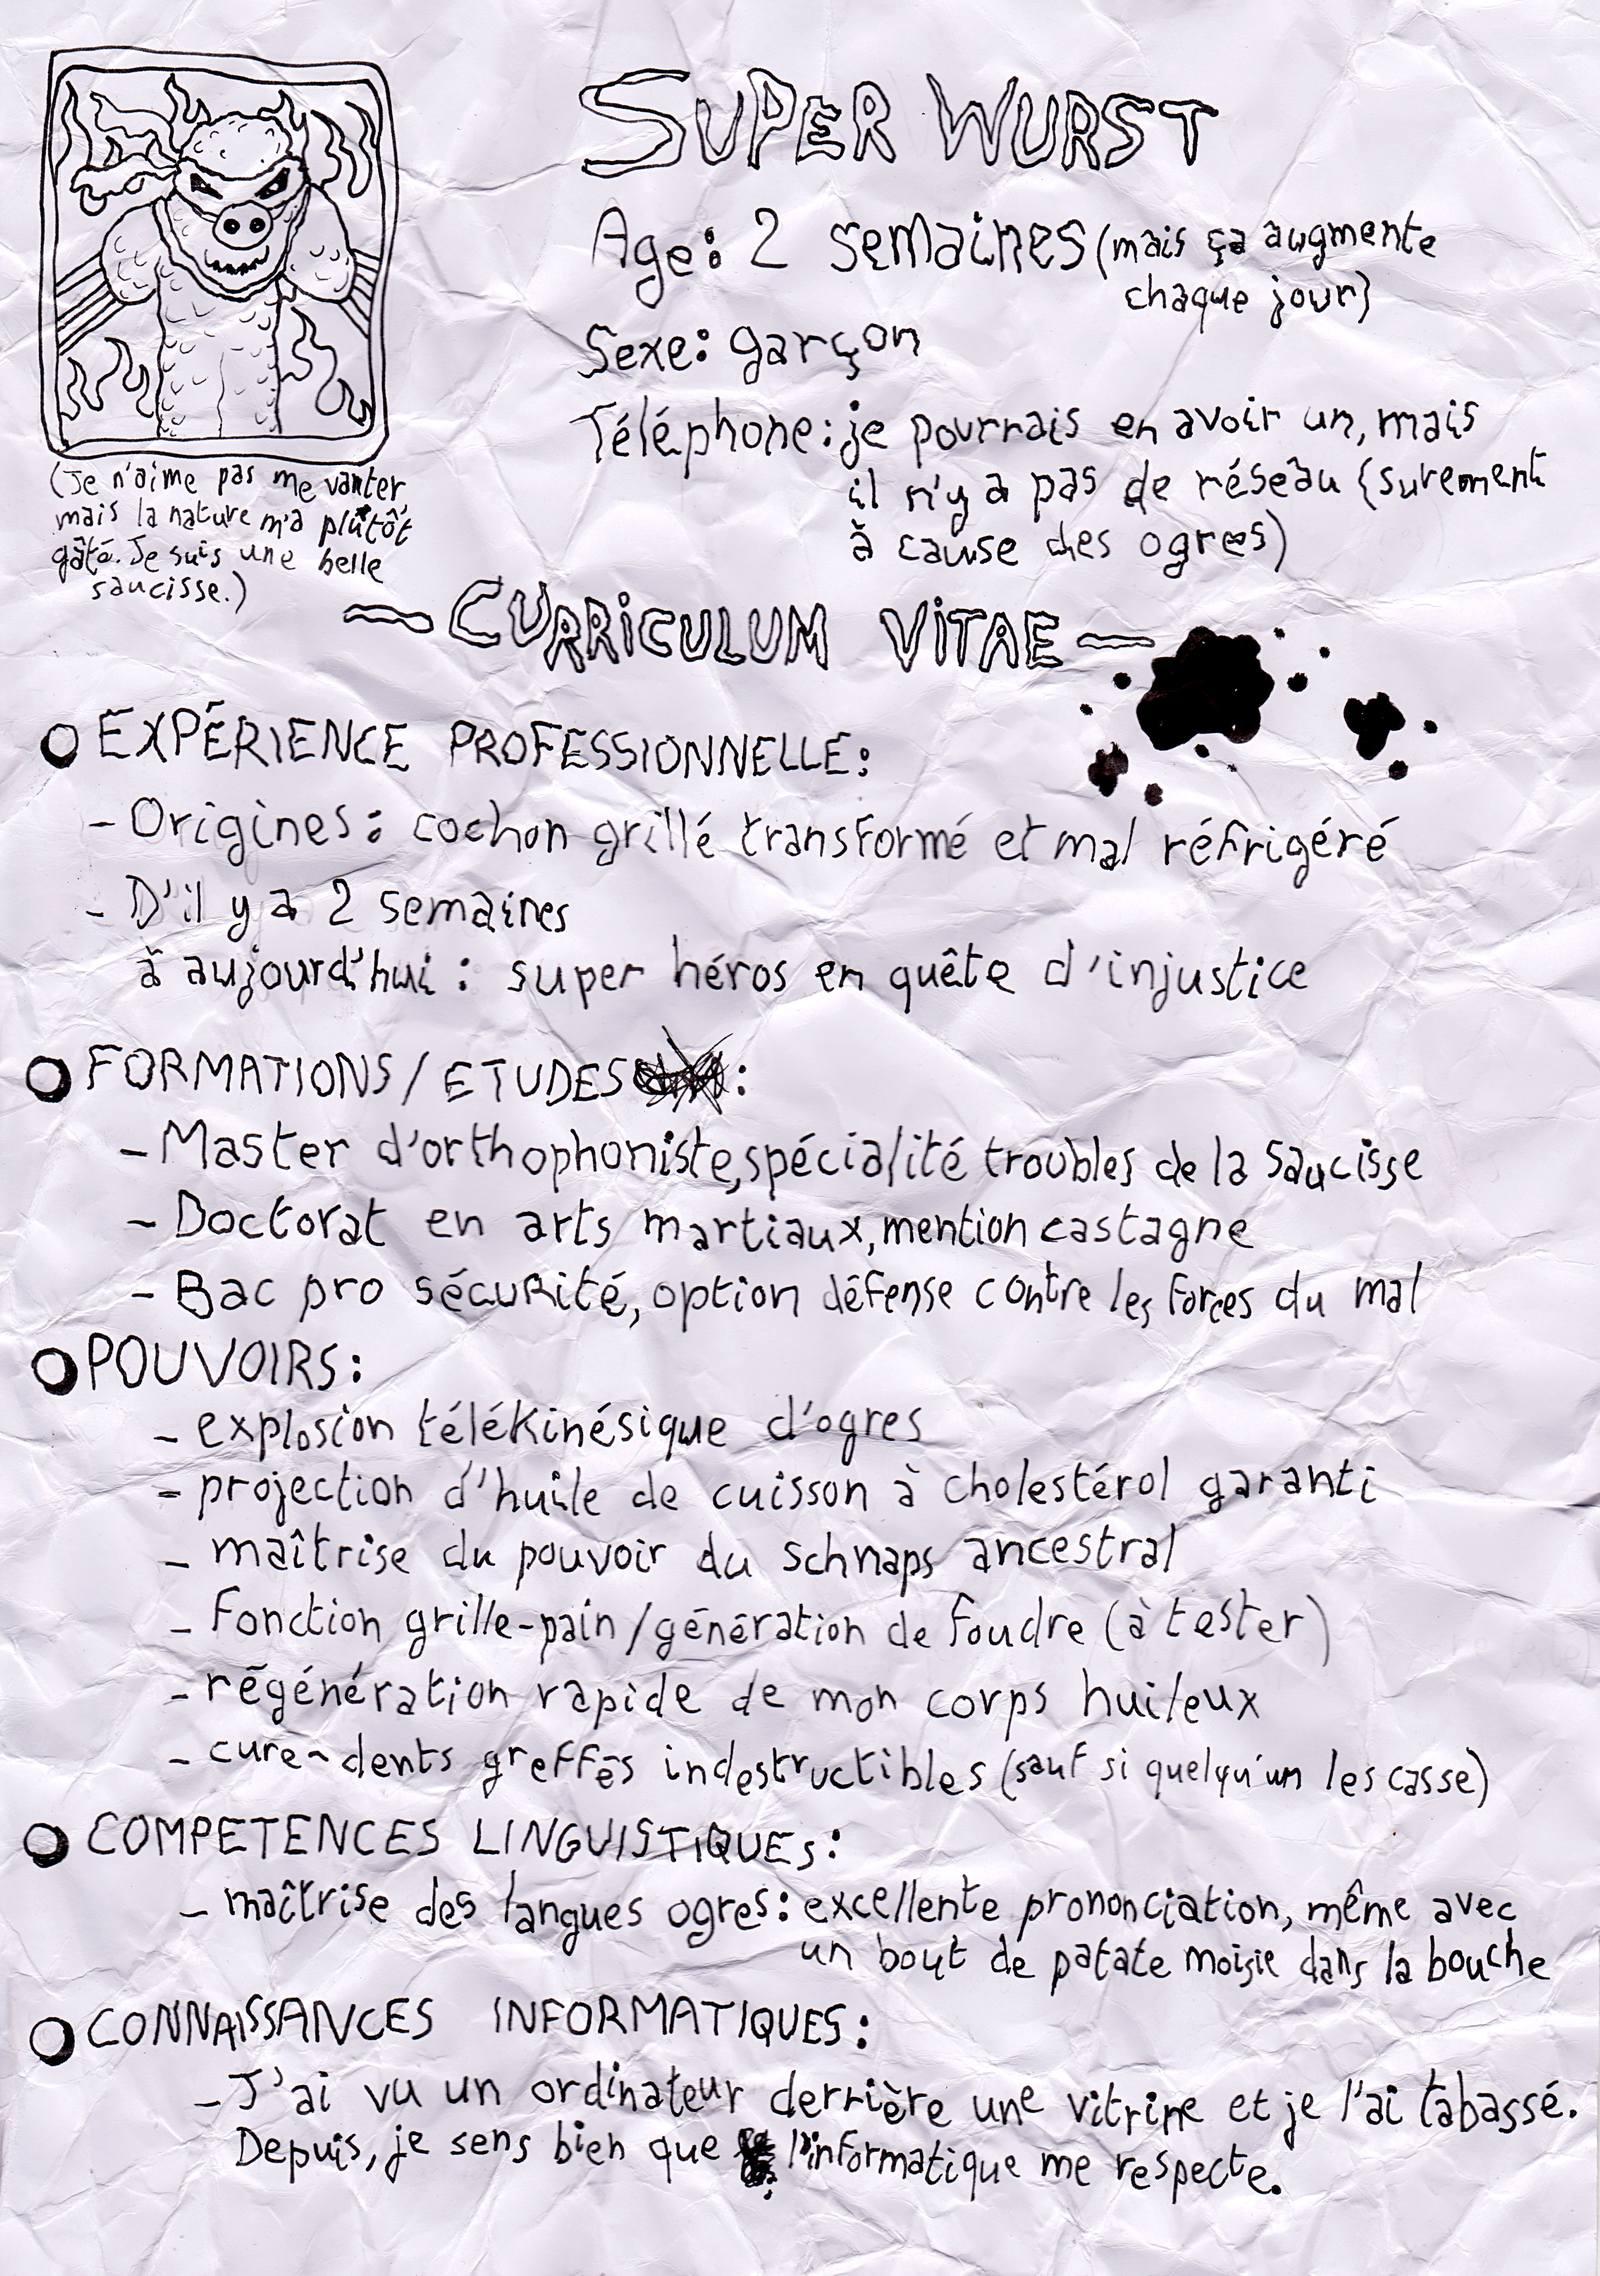 Le CV dégueulasse de ZuperWurst